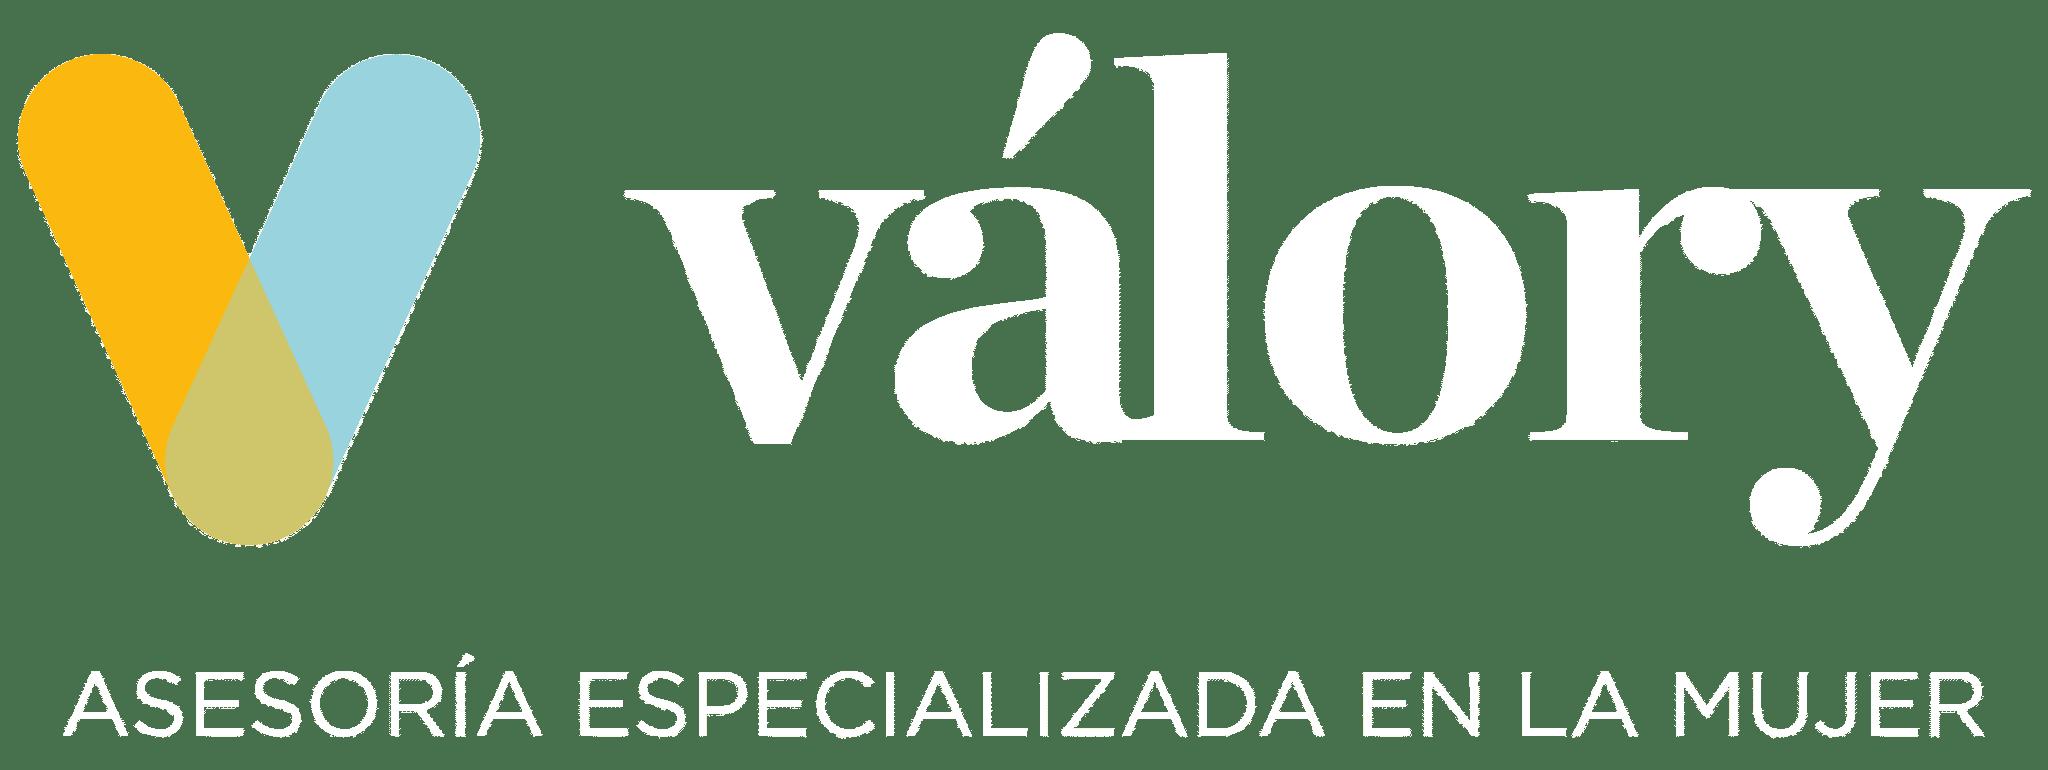 Logo Valory Asesoria Especializada en la Mujer